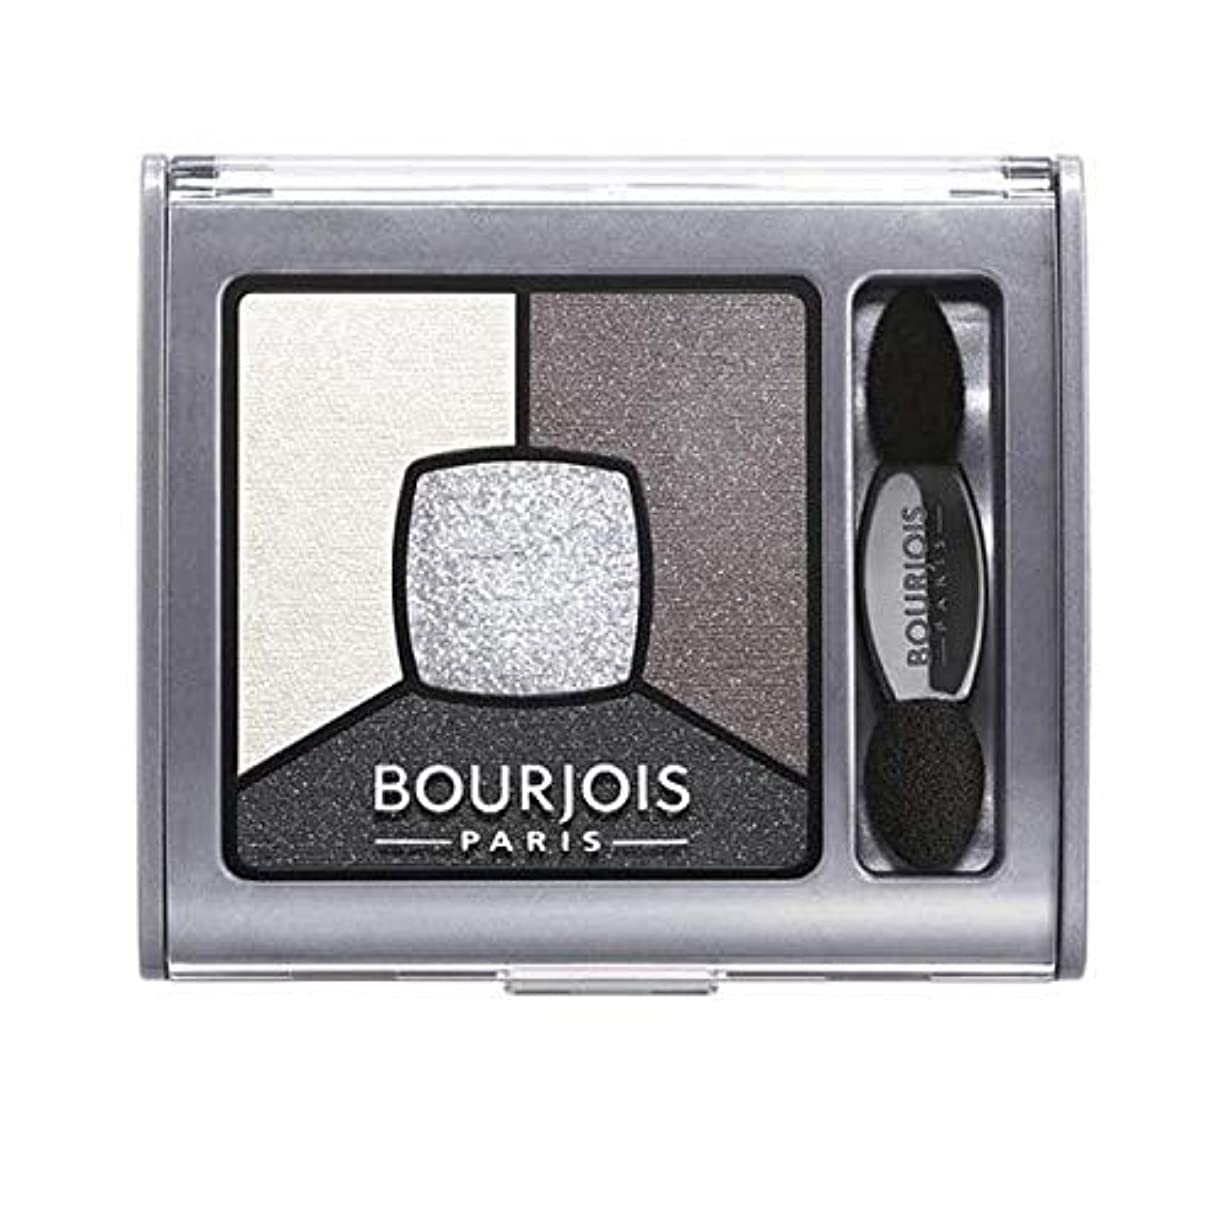 潜在的な野な性格[Bourjois ] ブルジョワクワッドスモーキー物語はグレー&ナイトアイシャドウ - Bourjois Quad Smoky Stories Eyeshadow Grey & Night [並行輸入品]